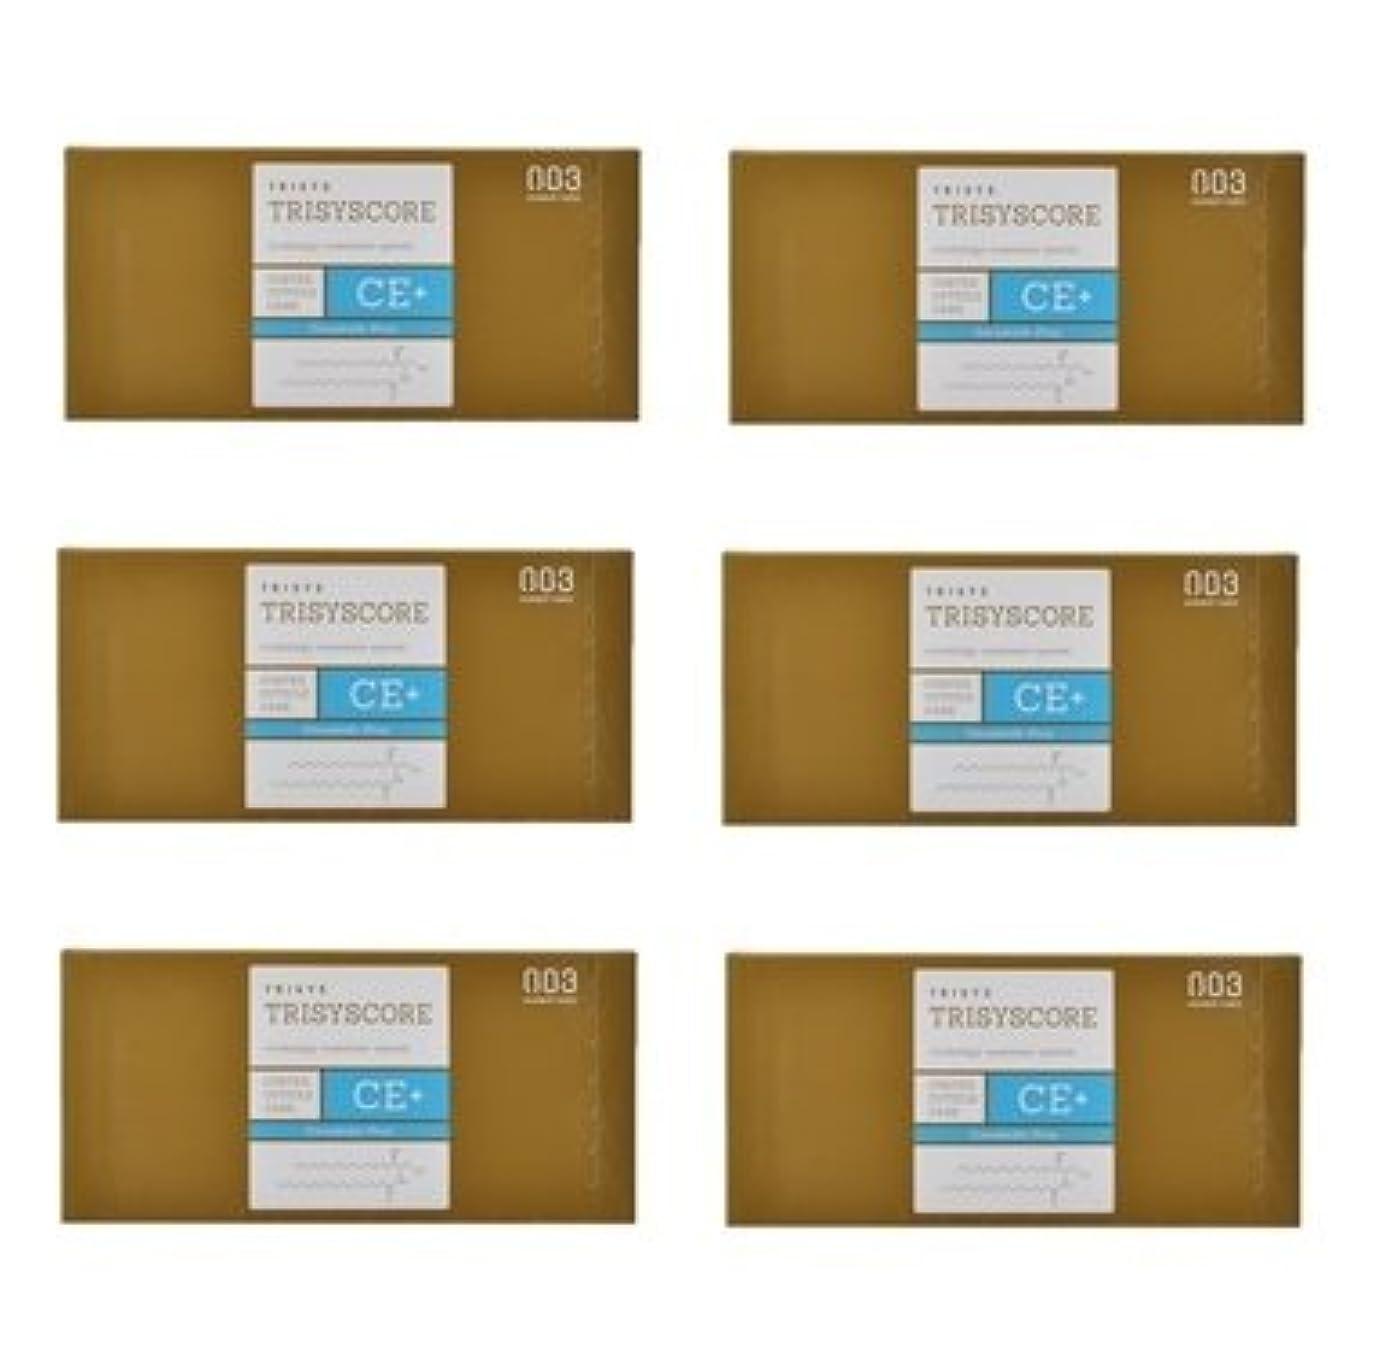 り仮定する医薬品【X6個セット】ナンバースリー トリシスコア CEプラス (ヘアトリートメント) 12g × 4包入り